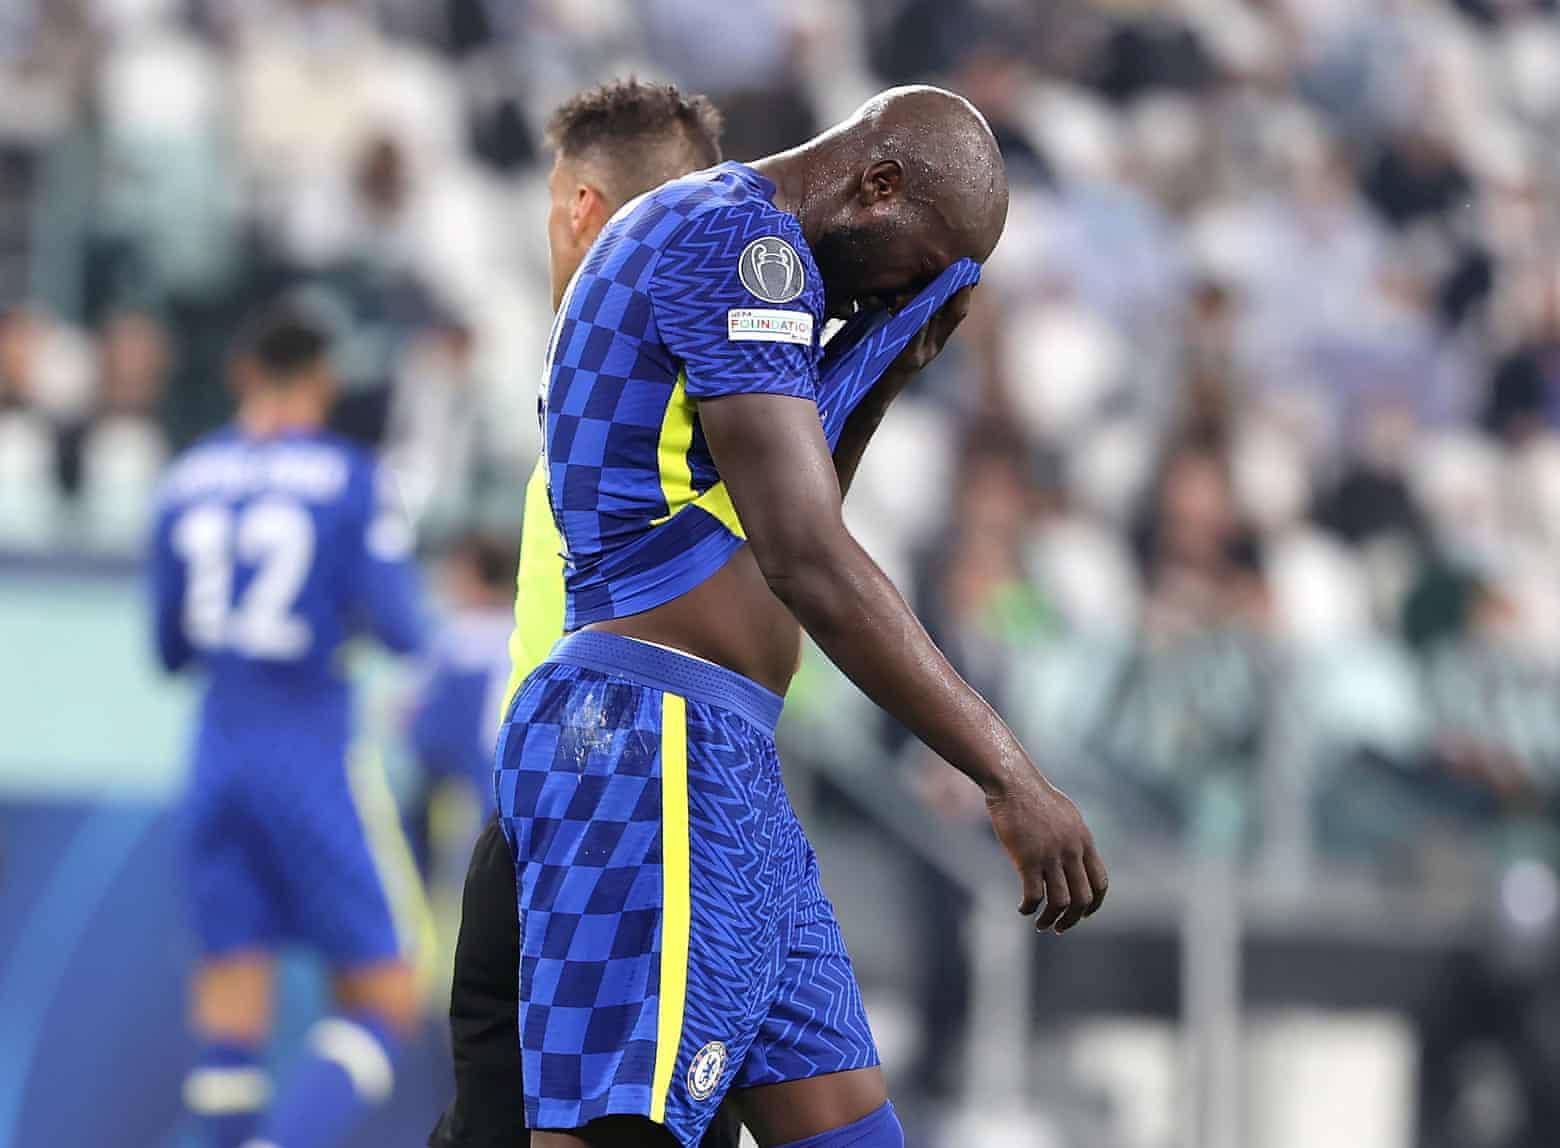 Lukaku buồn bã sau khi cùng Chelsea thua 0-1 trên sân Juventus hôm 29/9. Ảnh: PA